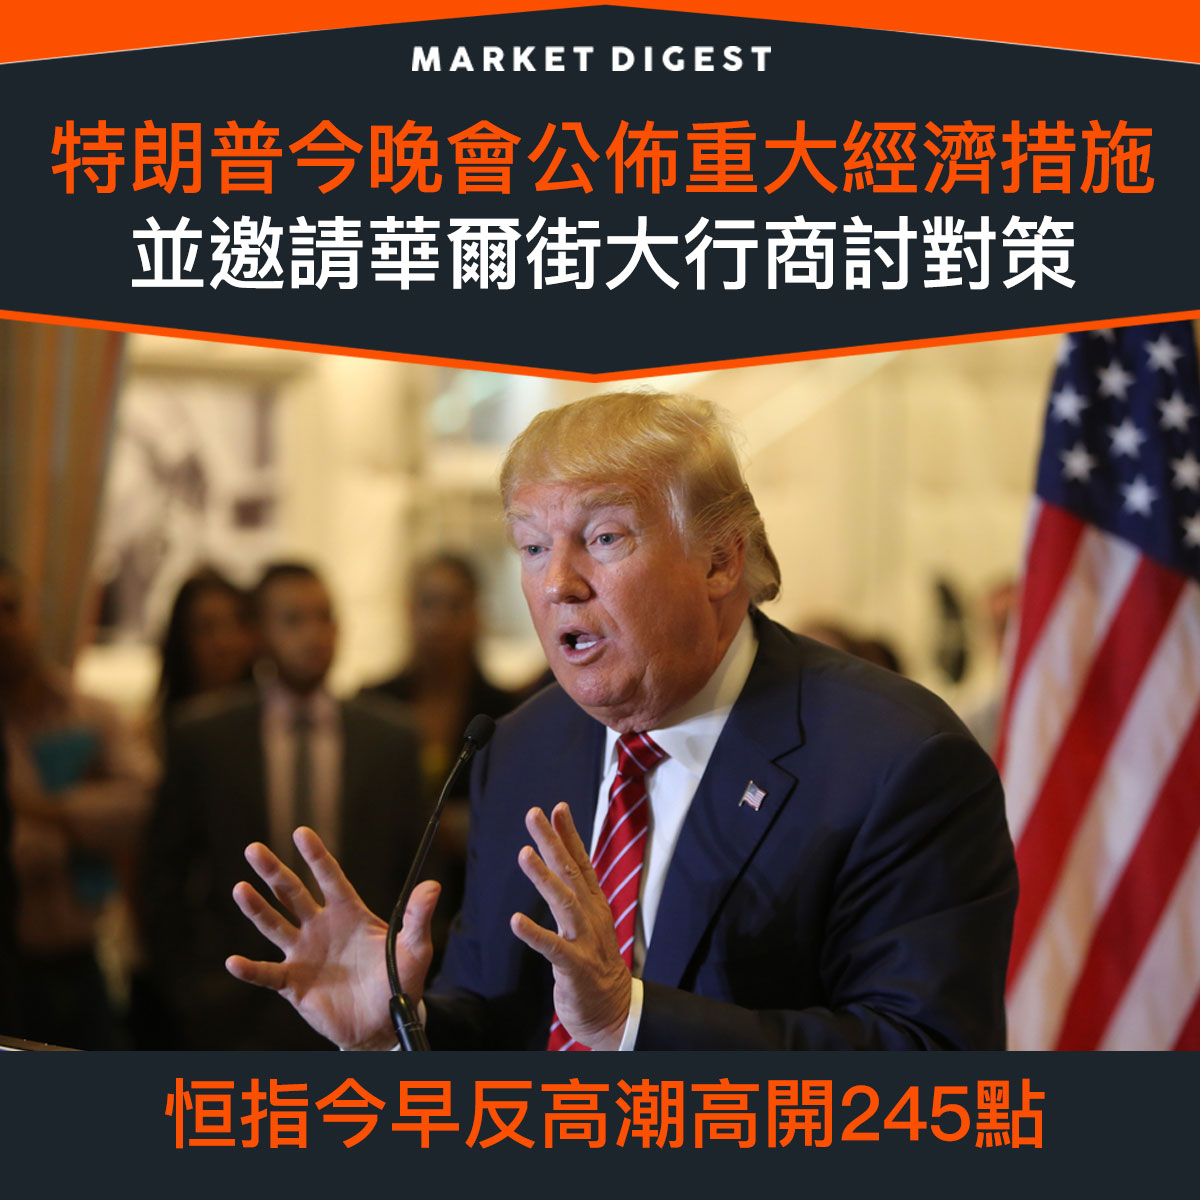 【市場熱話】特朗普今晚會公佈重大經濟措施,並邀請華爾街大行商討對策